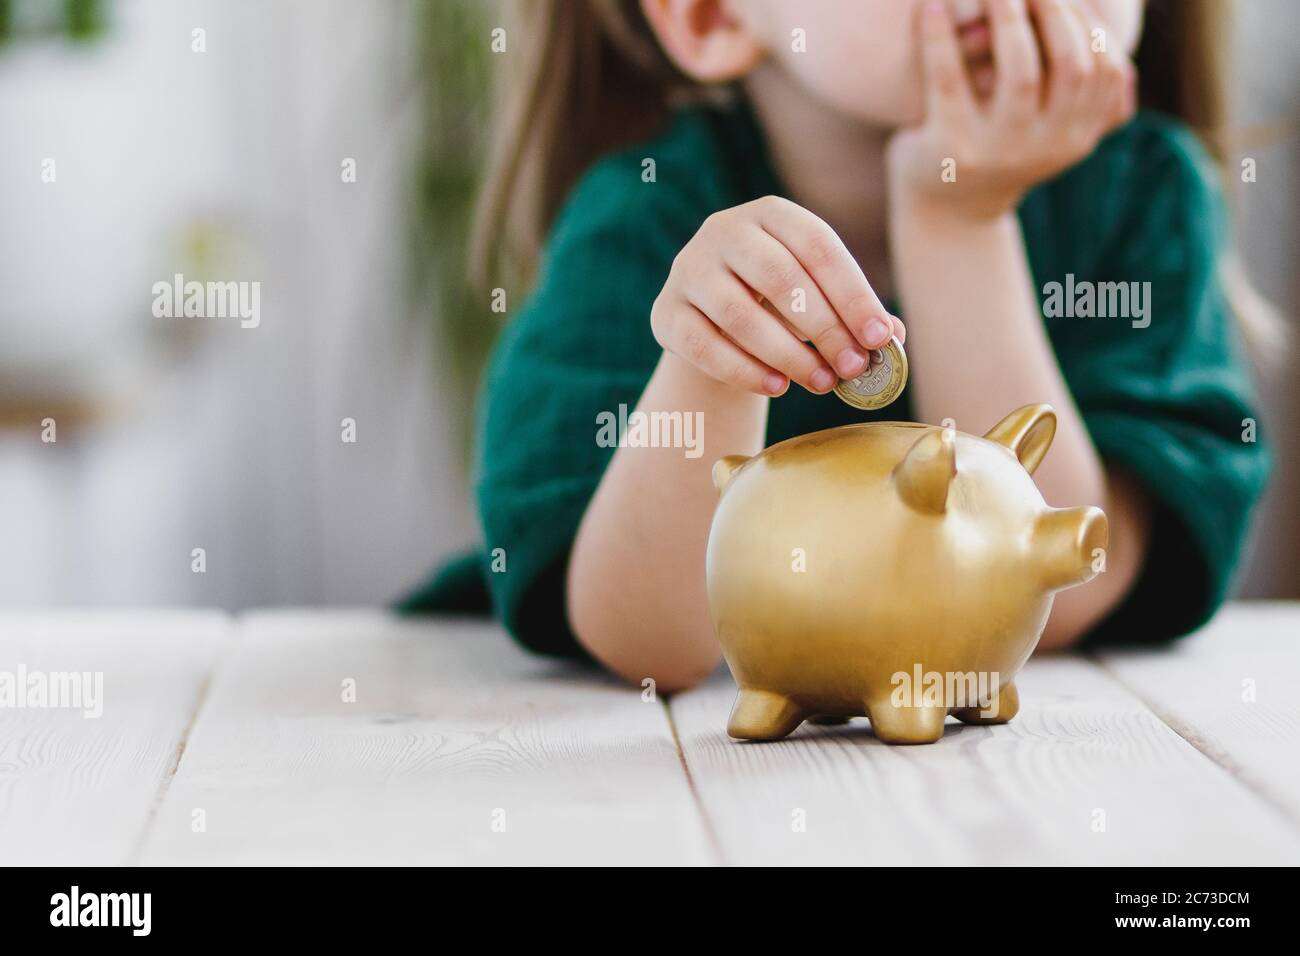 Kleines Mädchen in grünem Kleid denken über ihr Geld ausgeben und eine Münze in ein Sparschwein. Sparkonzept Stockfoto